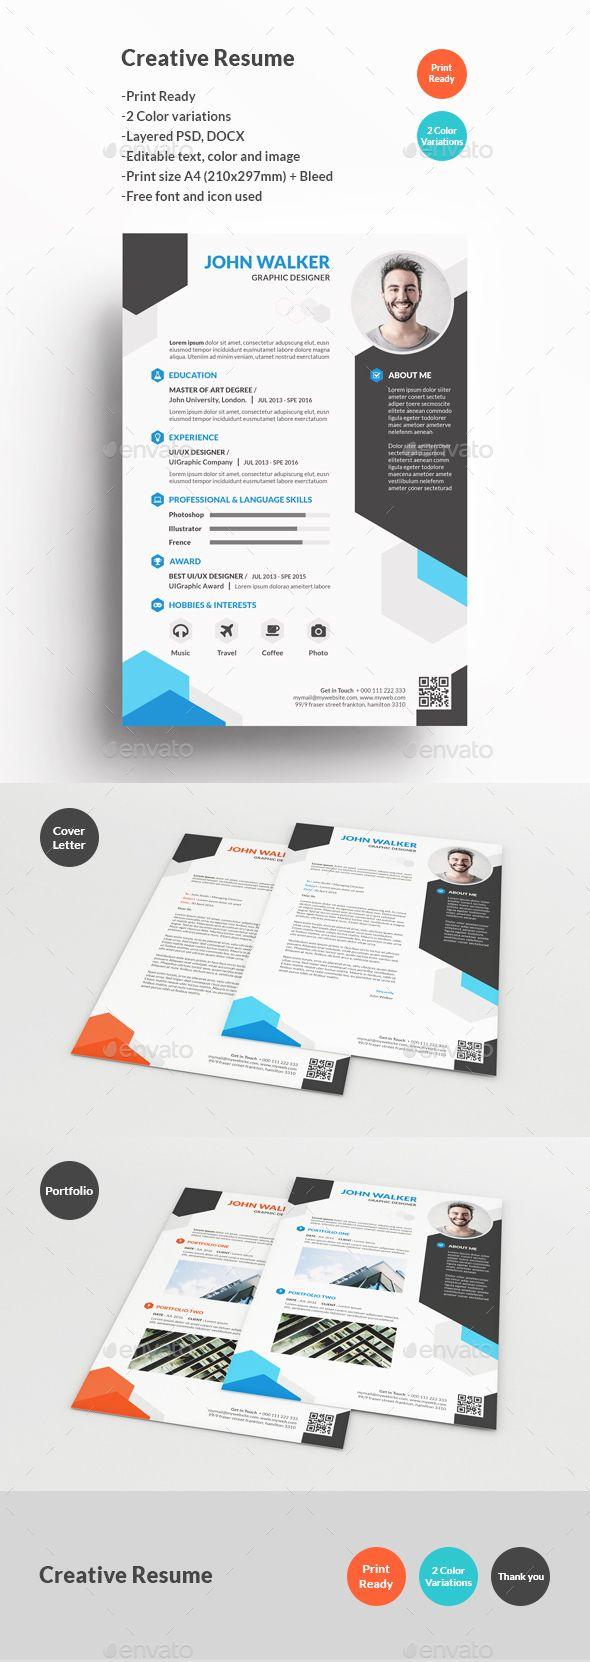 Creative Resume | Creativo, Itunes y Cv creativo